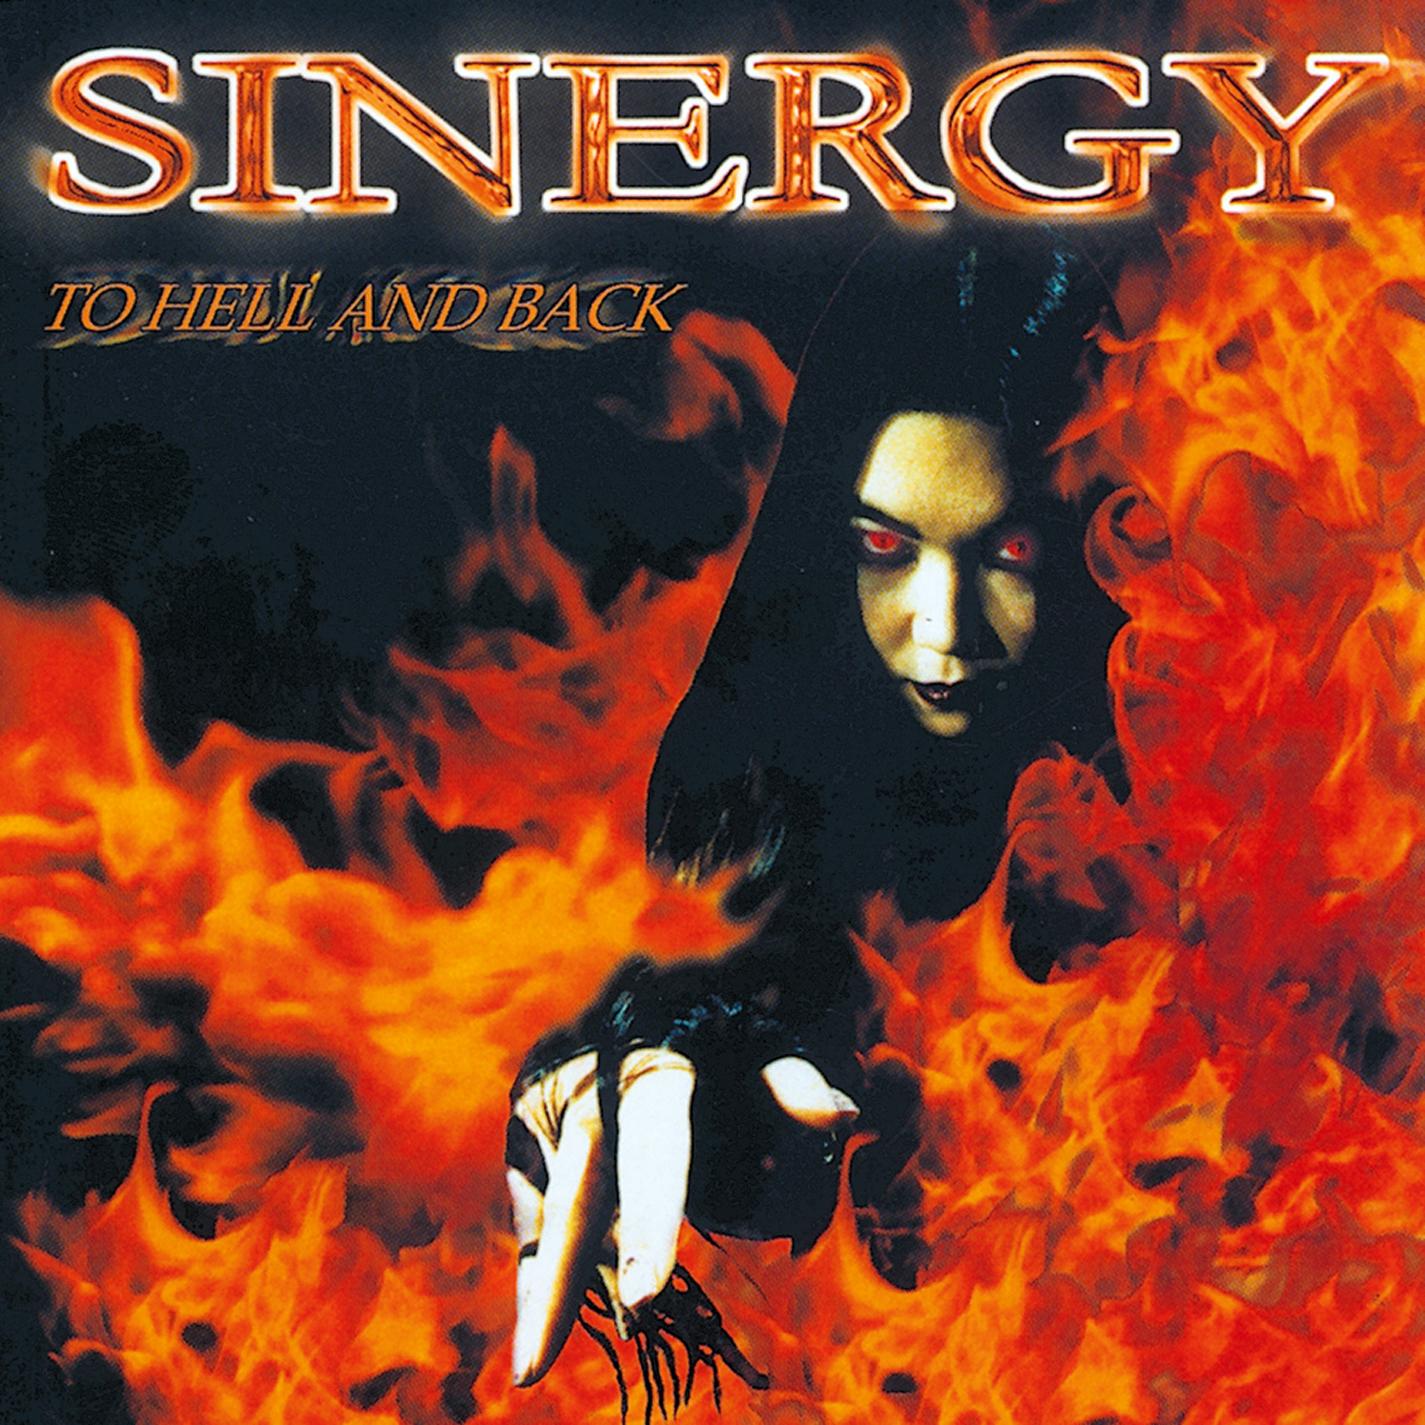 Sinergy Sinergy waren in vielerlei Hinsicht besonders. Frontfrau Kimberly Goss stach mit ihrer Stimme hervor und machte einen